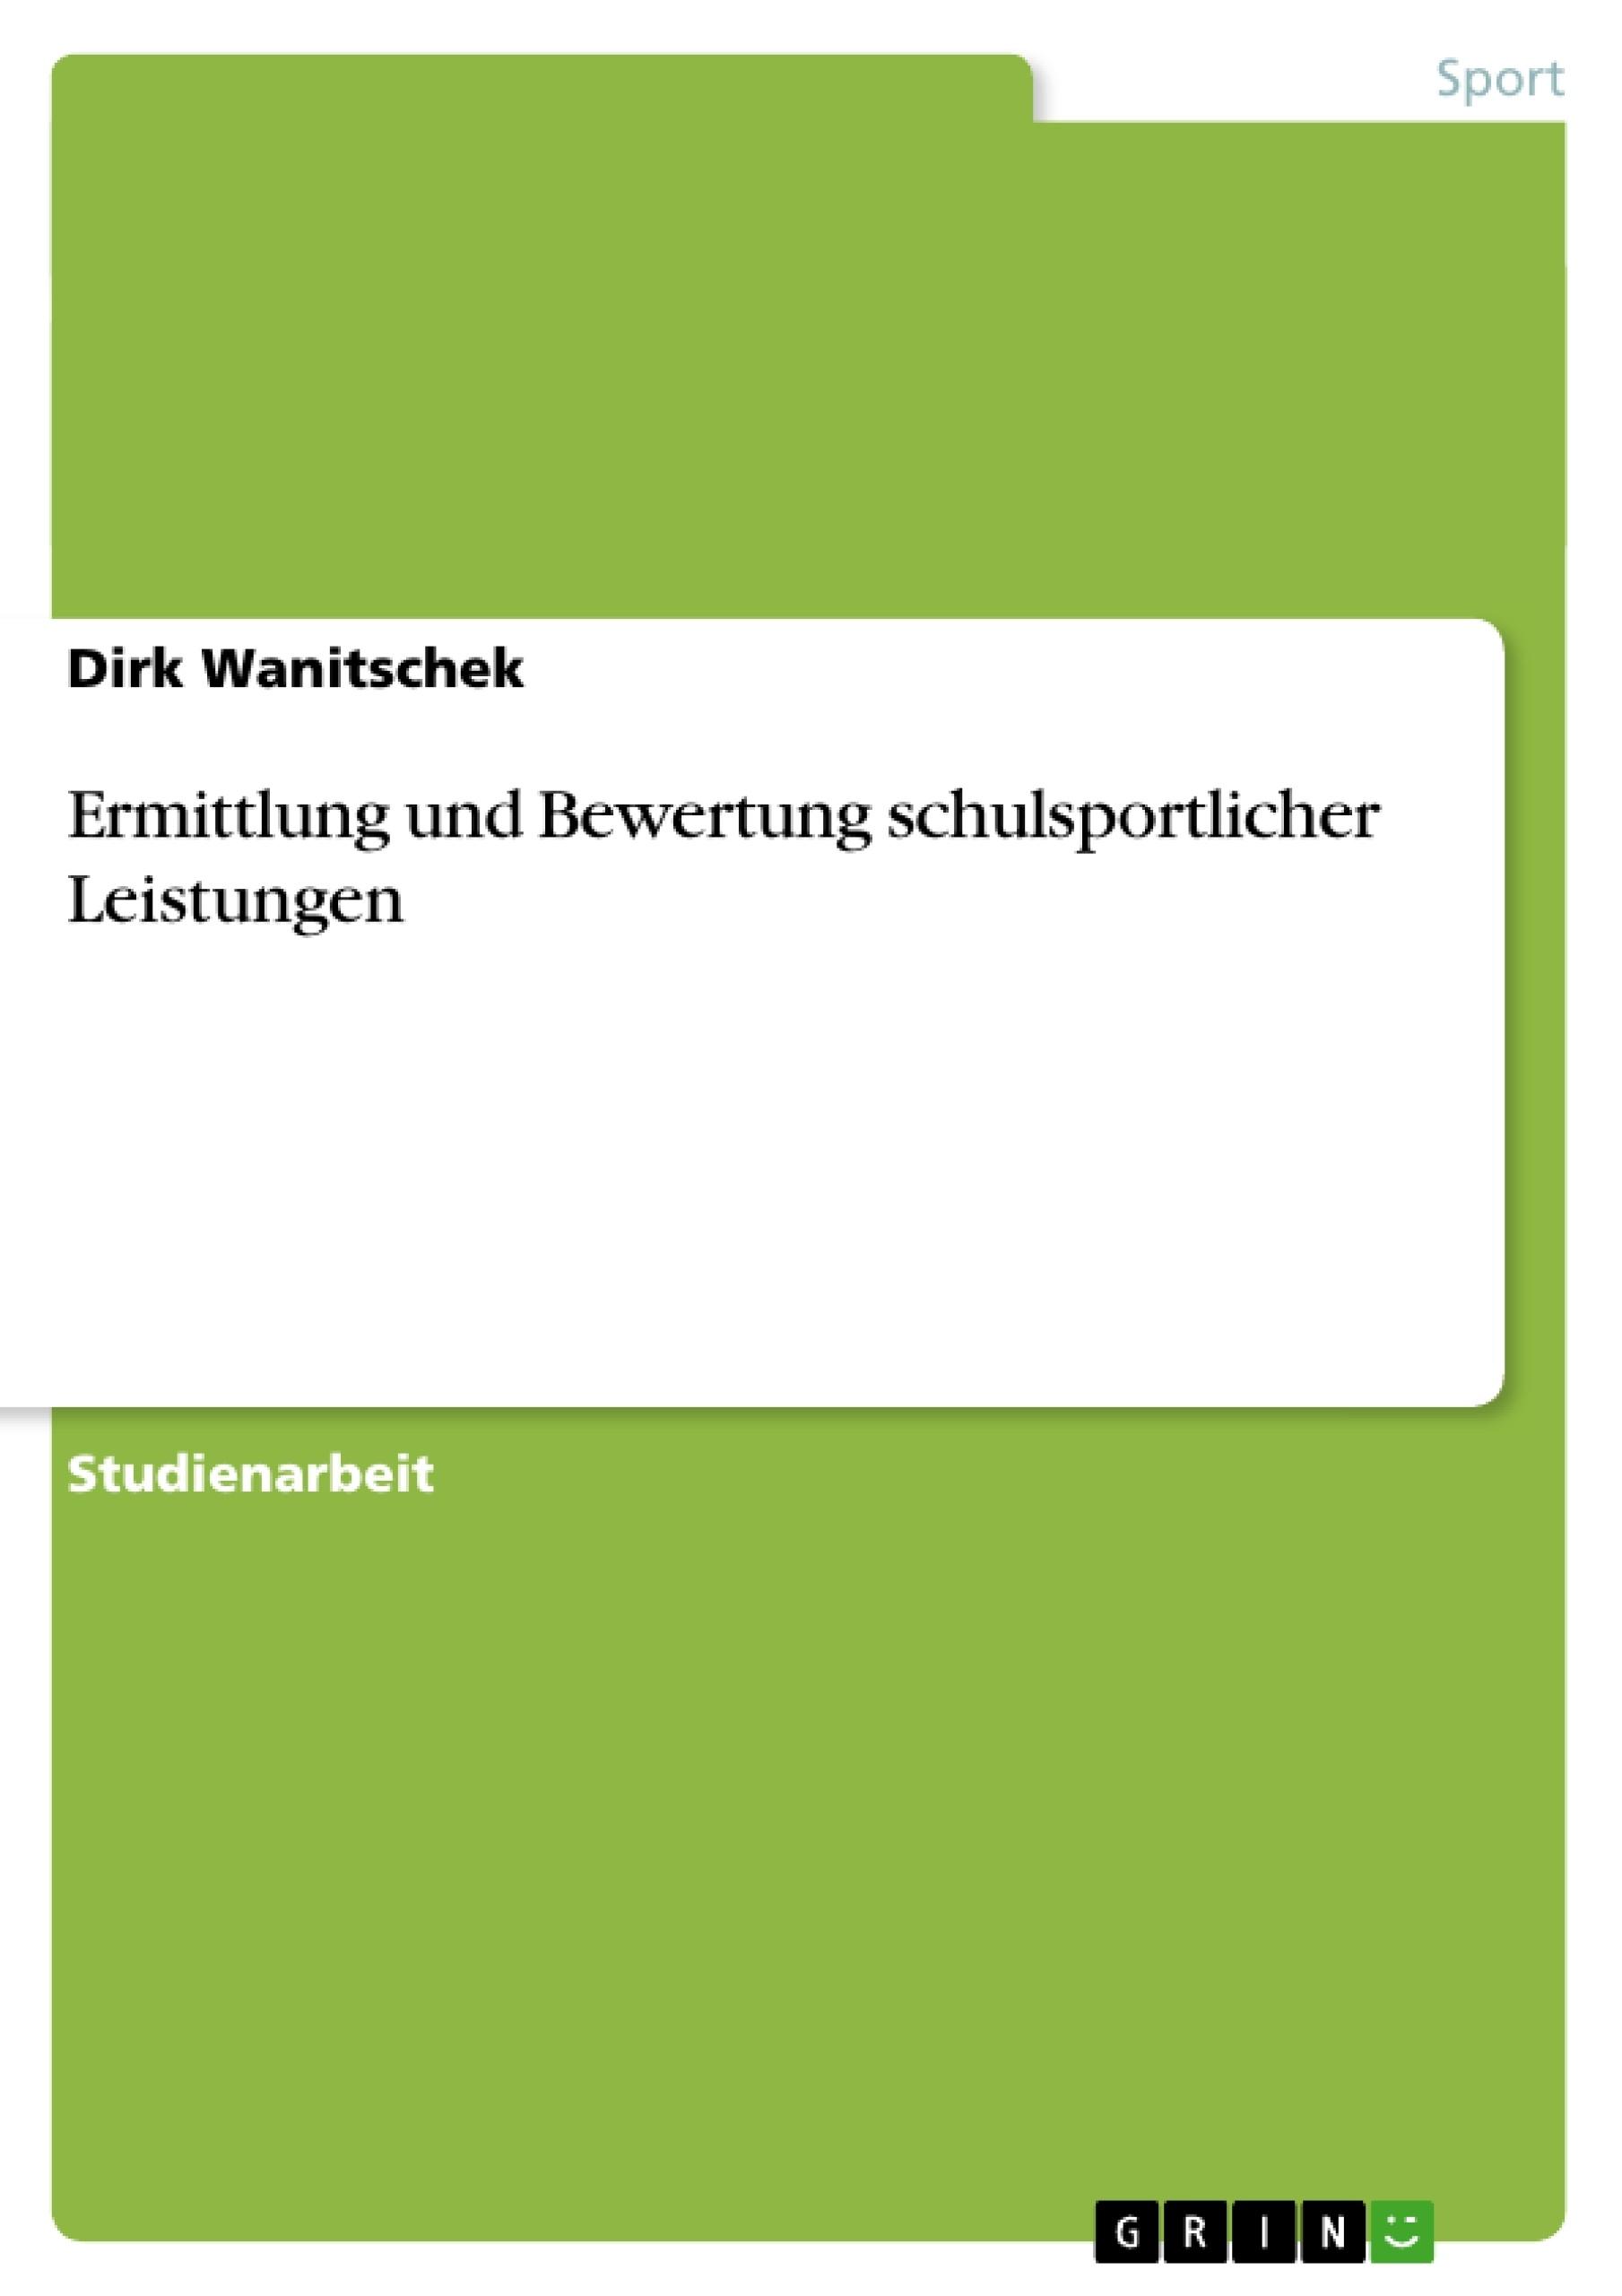 Titel: Ermittlung und Bewertung schulsportlicher Leistungen